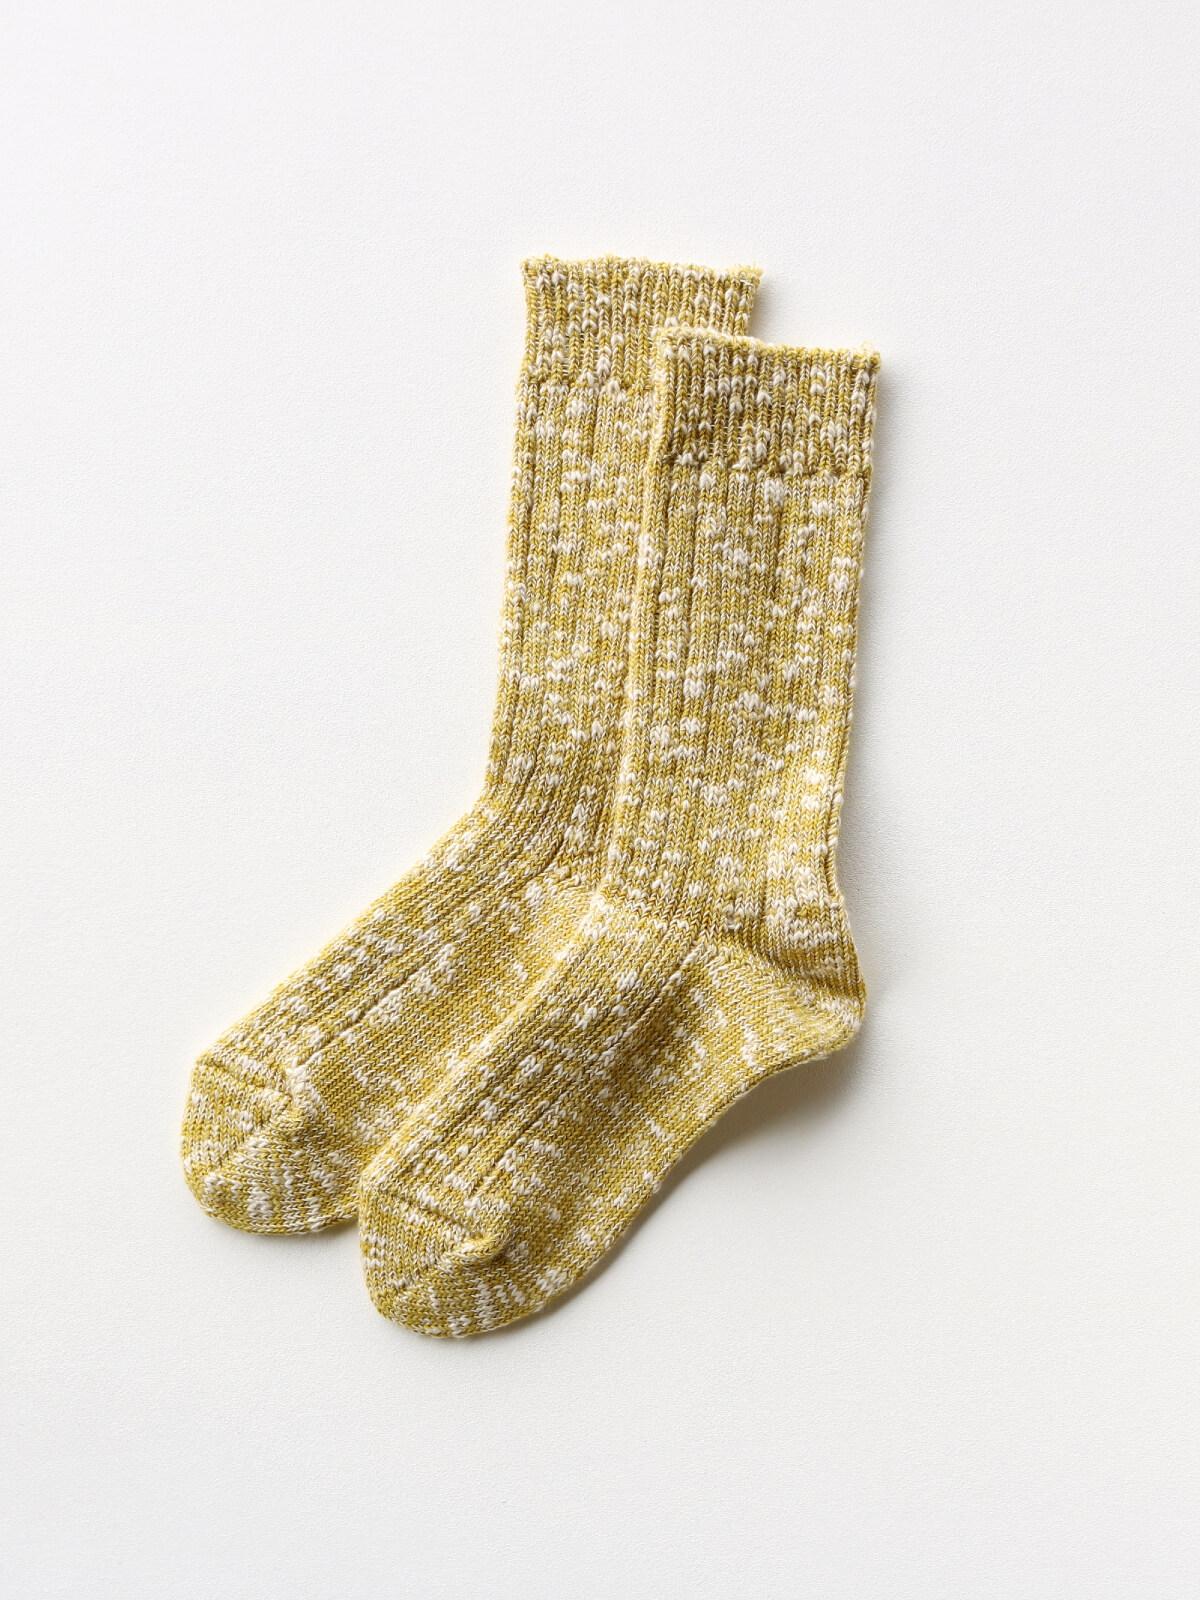 当たりつきギフト専用靴下のLUCKY SOCKS(ラッキーソックス)のMix Rib Socks(ミックスリブソックス)のライムイエロー_2